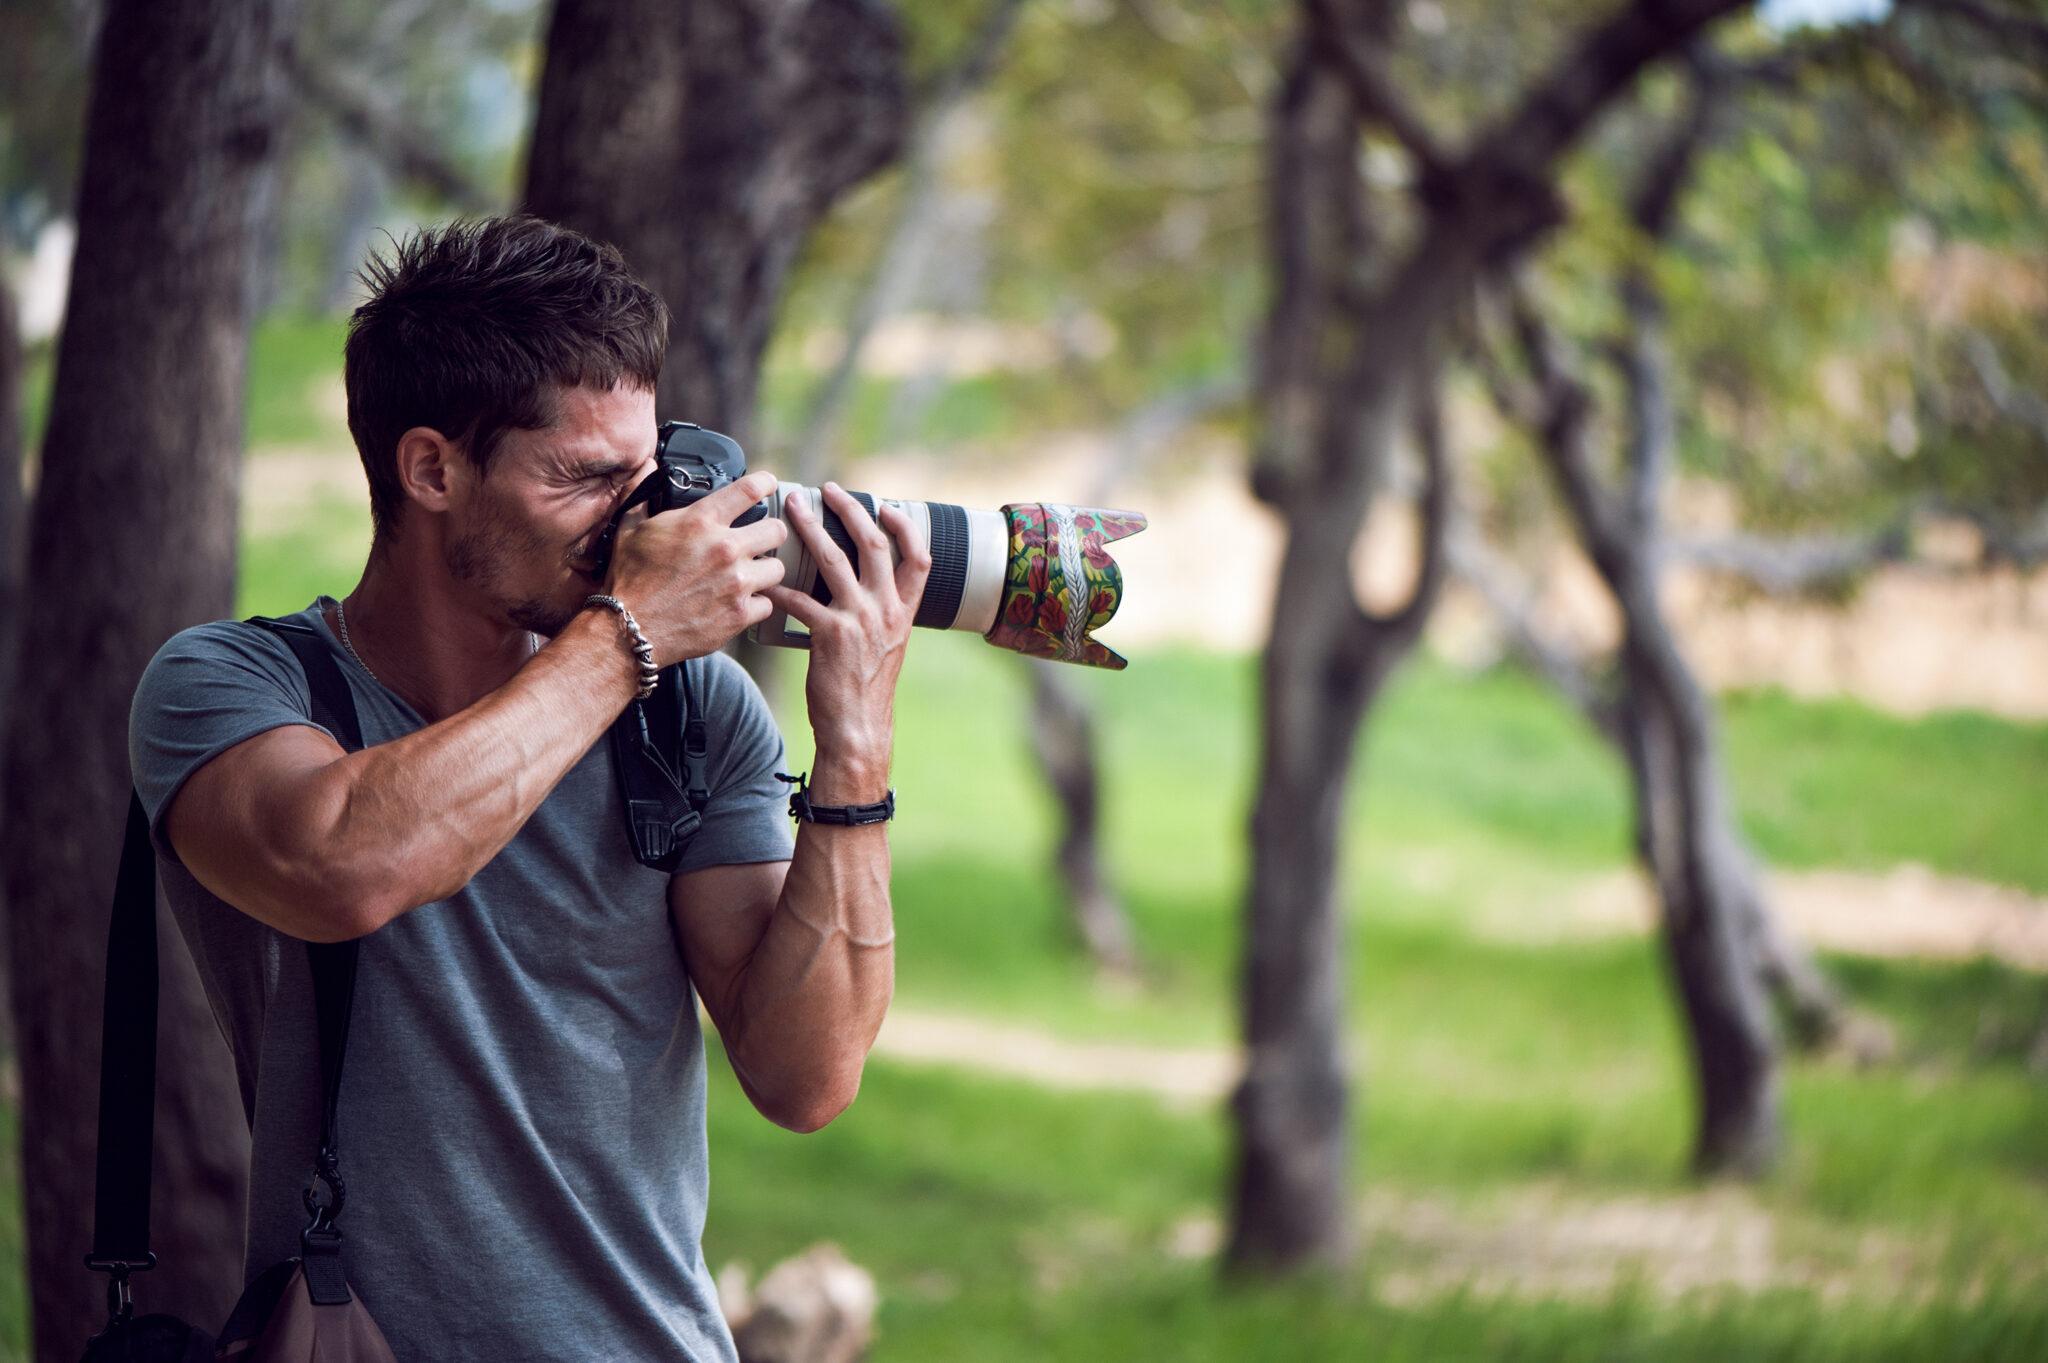 Diseño Paginas Web Para Fotógrafos